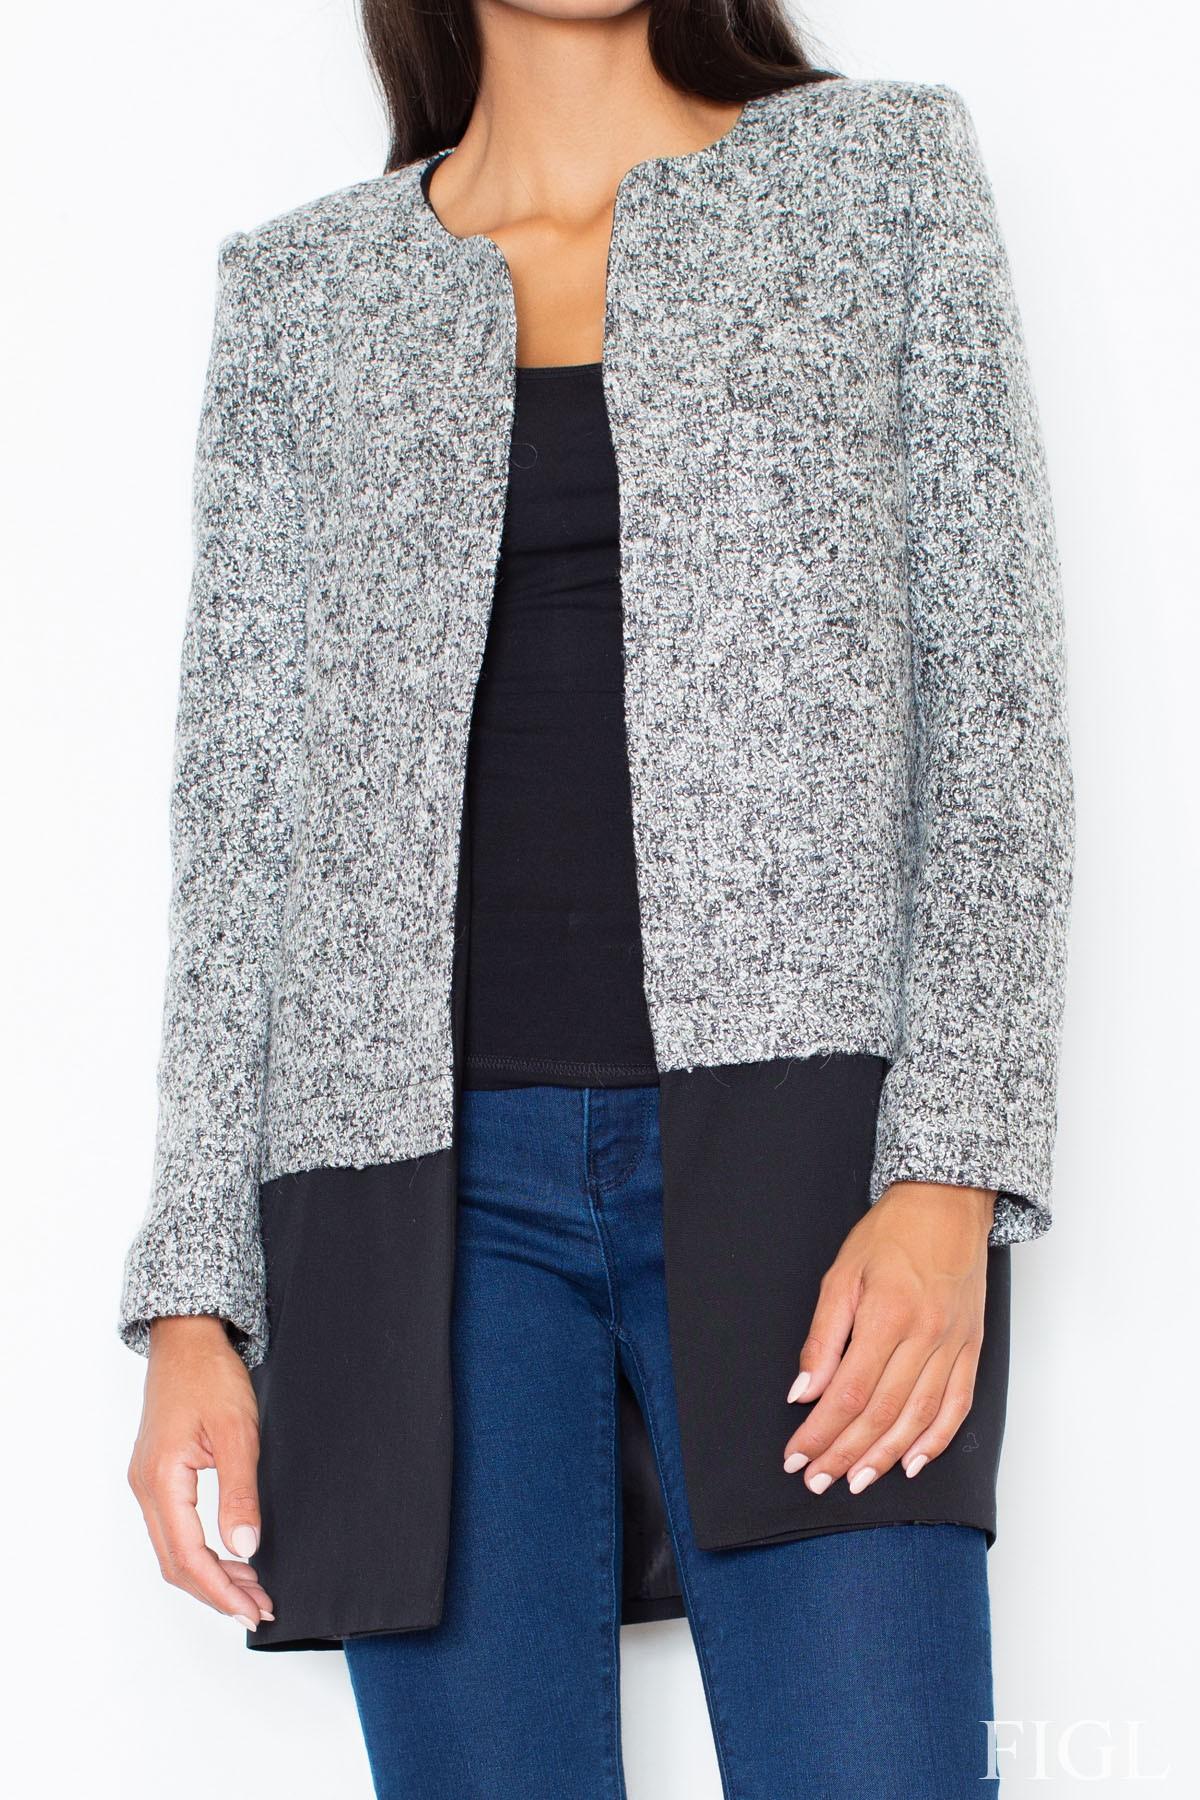 Dlouhé sako FIGL, dámský kabátek (vel.S/36 skladem)